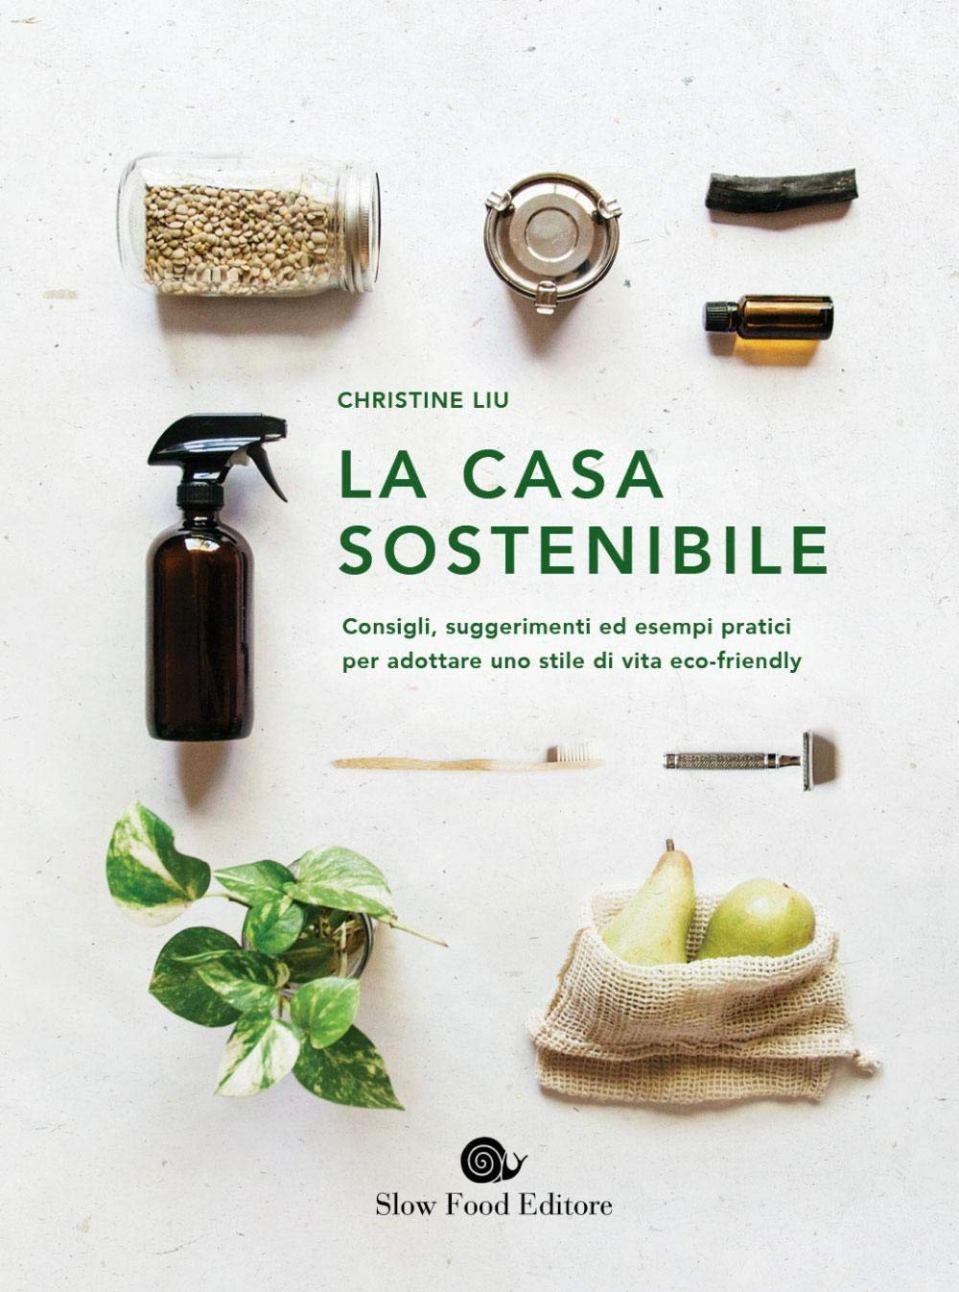 La casa sostenibile Book Cover